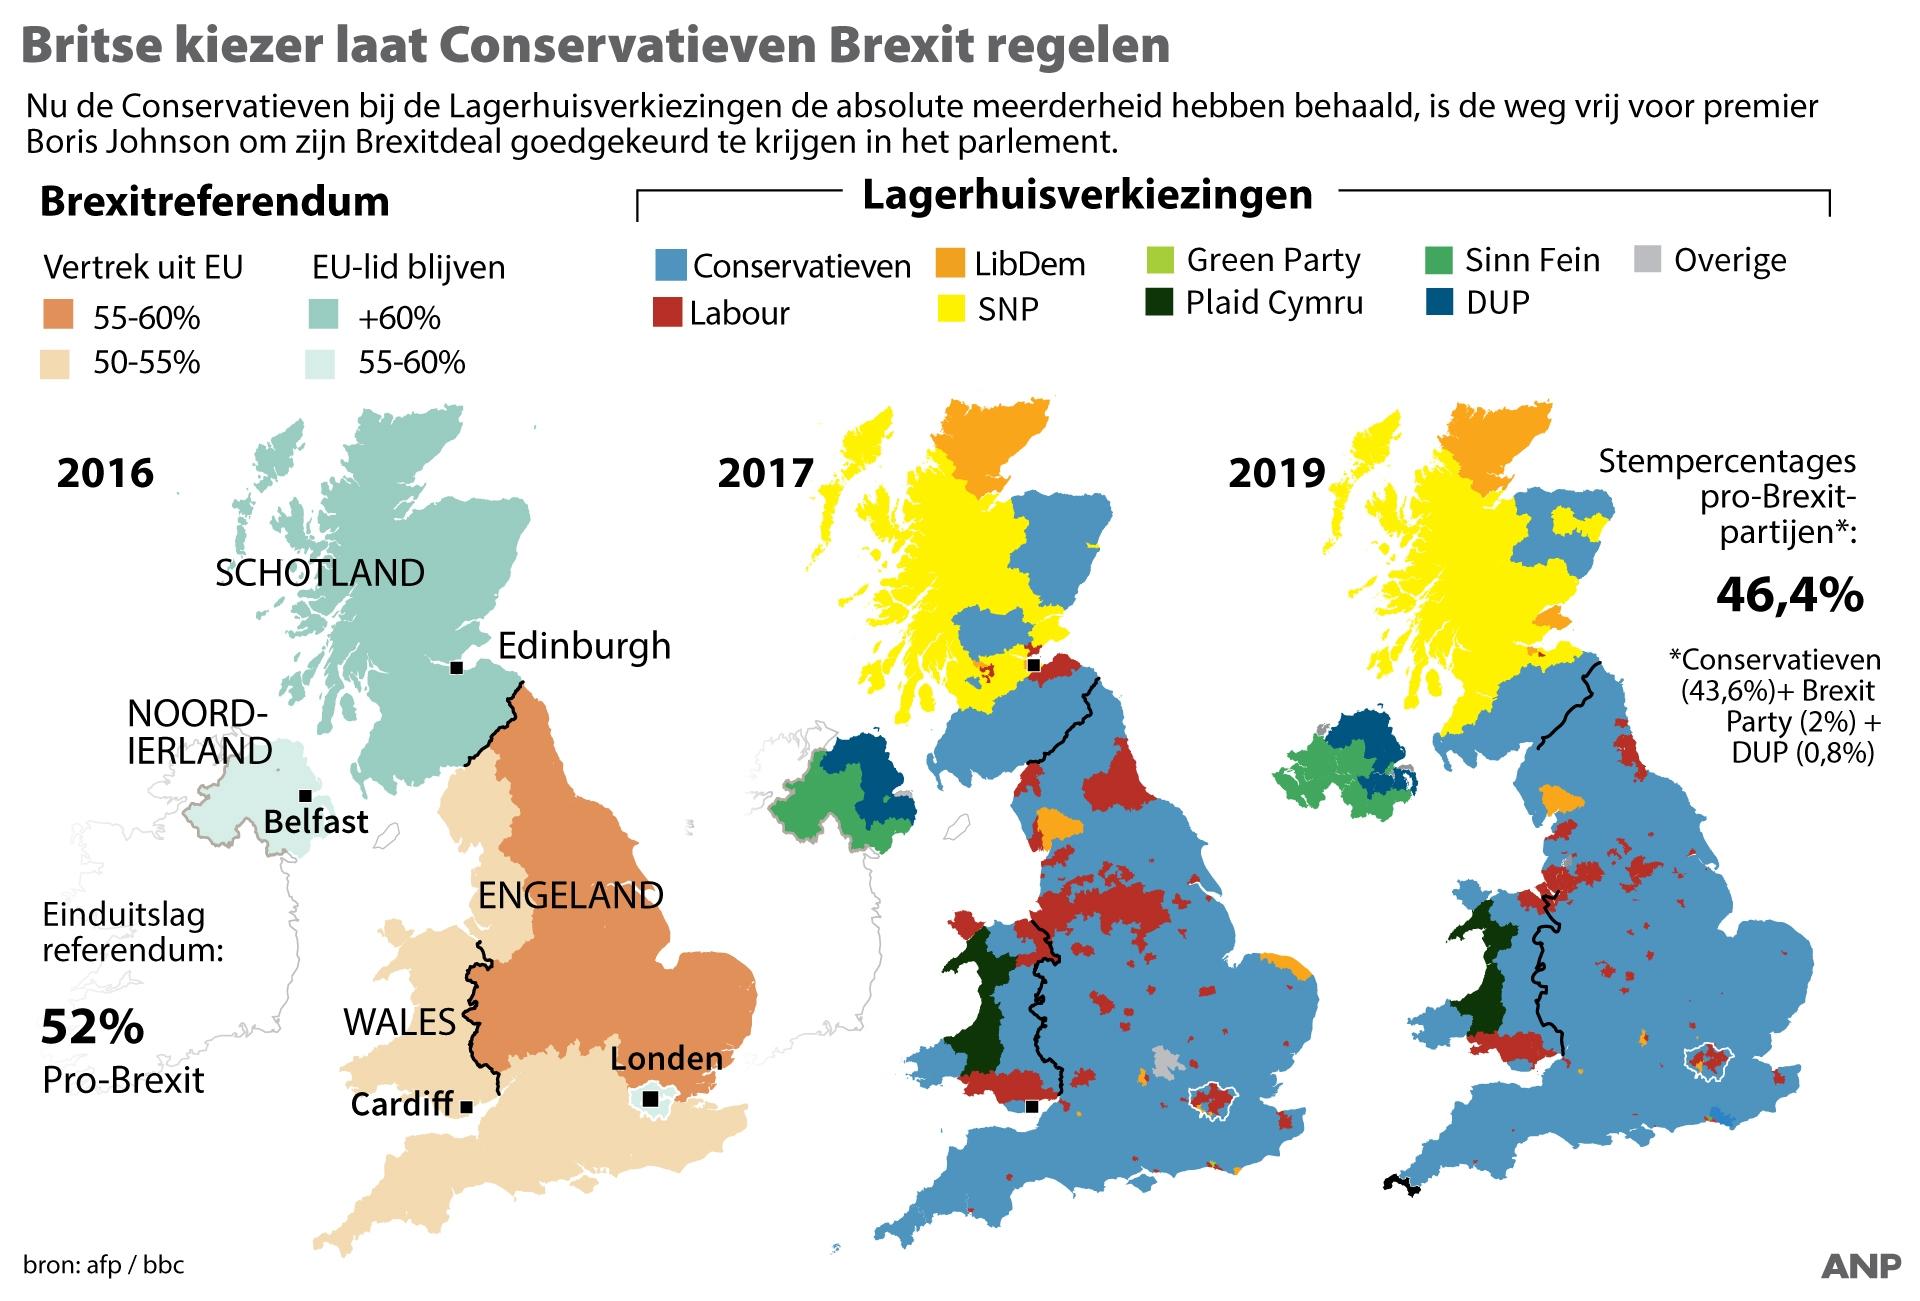 Brexit grafiek verkiezingen